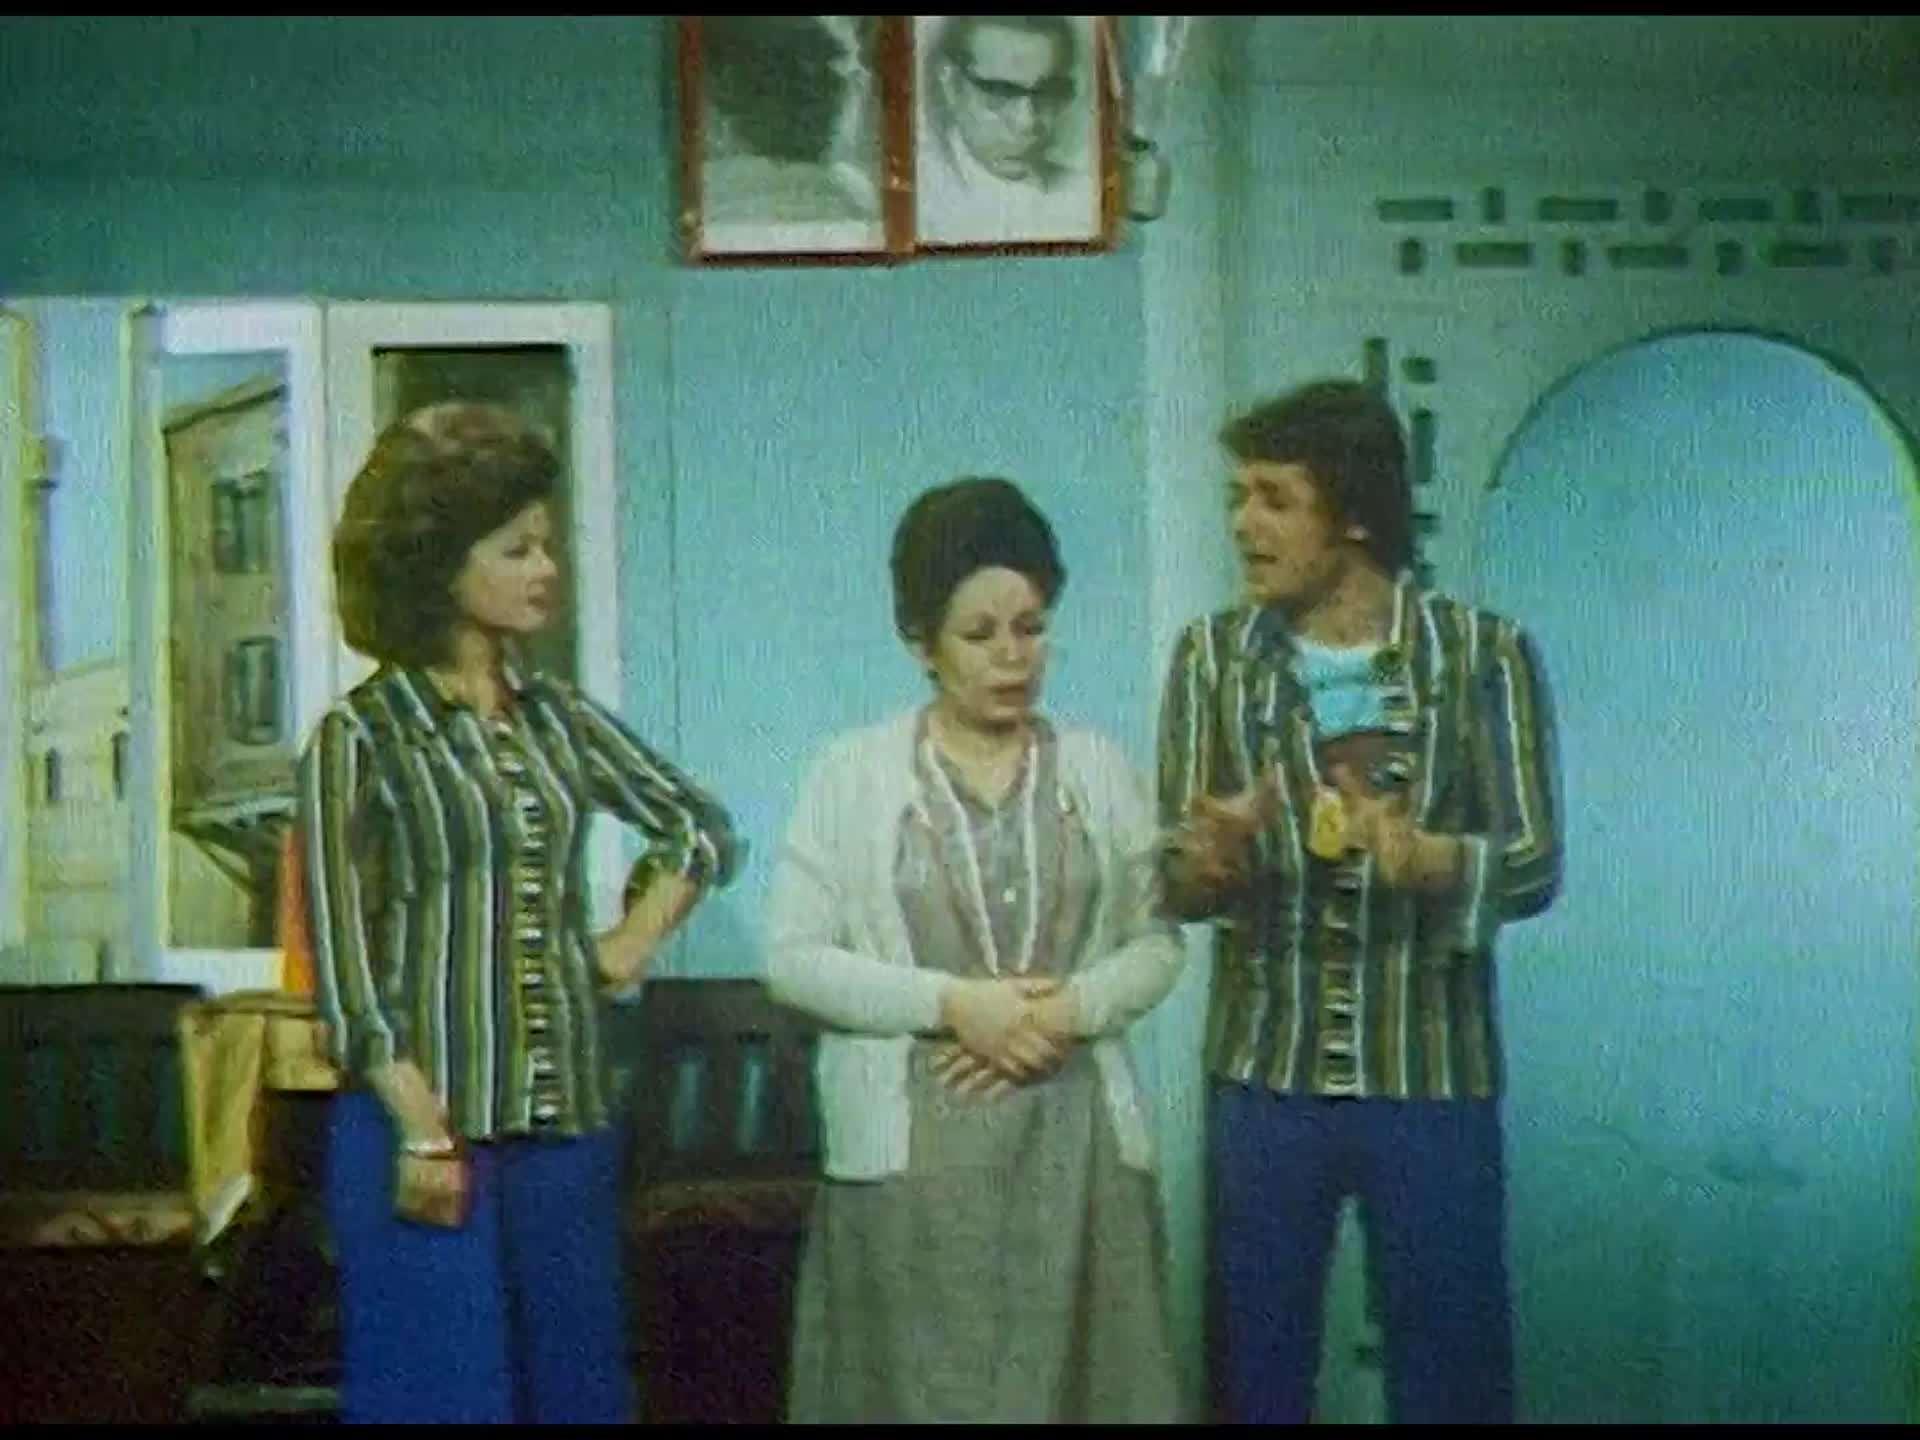 مسرحية لوليتا (1974) 1080p تحميل تورنت 7 arabp2p.com